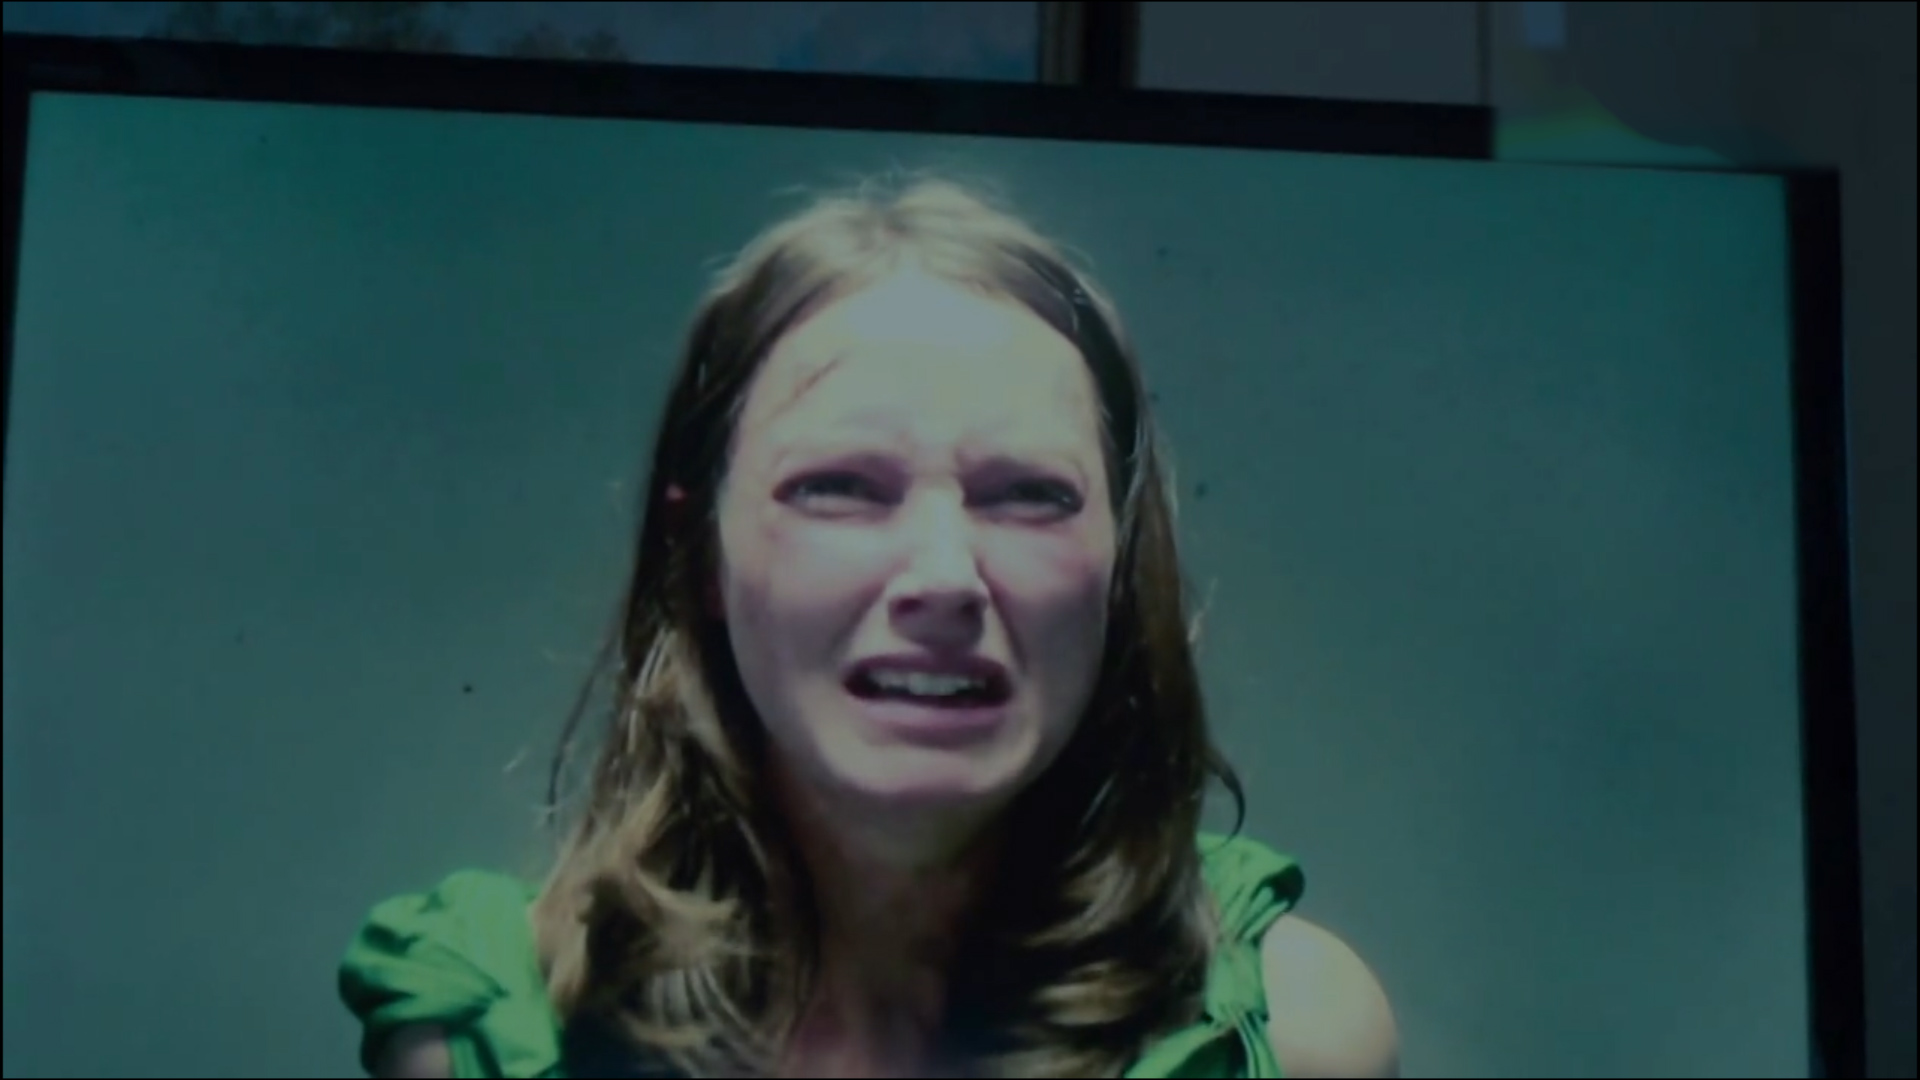 #电影最前线#黑镜第一季,绑匪绑架了公主,居然只是为了让首相直播X母猪!